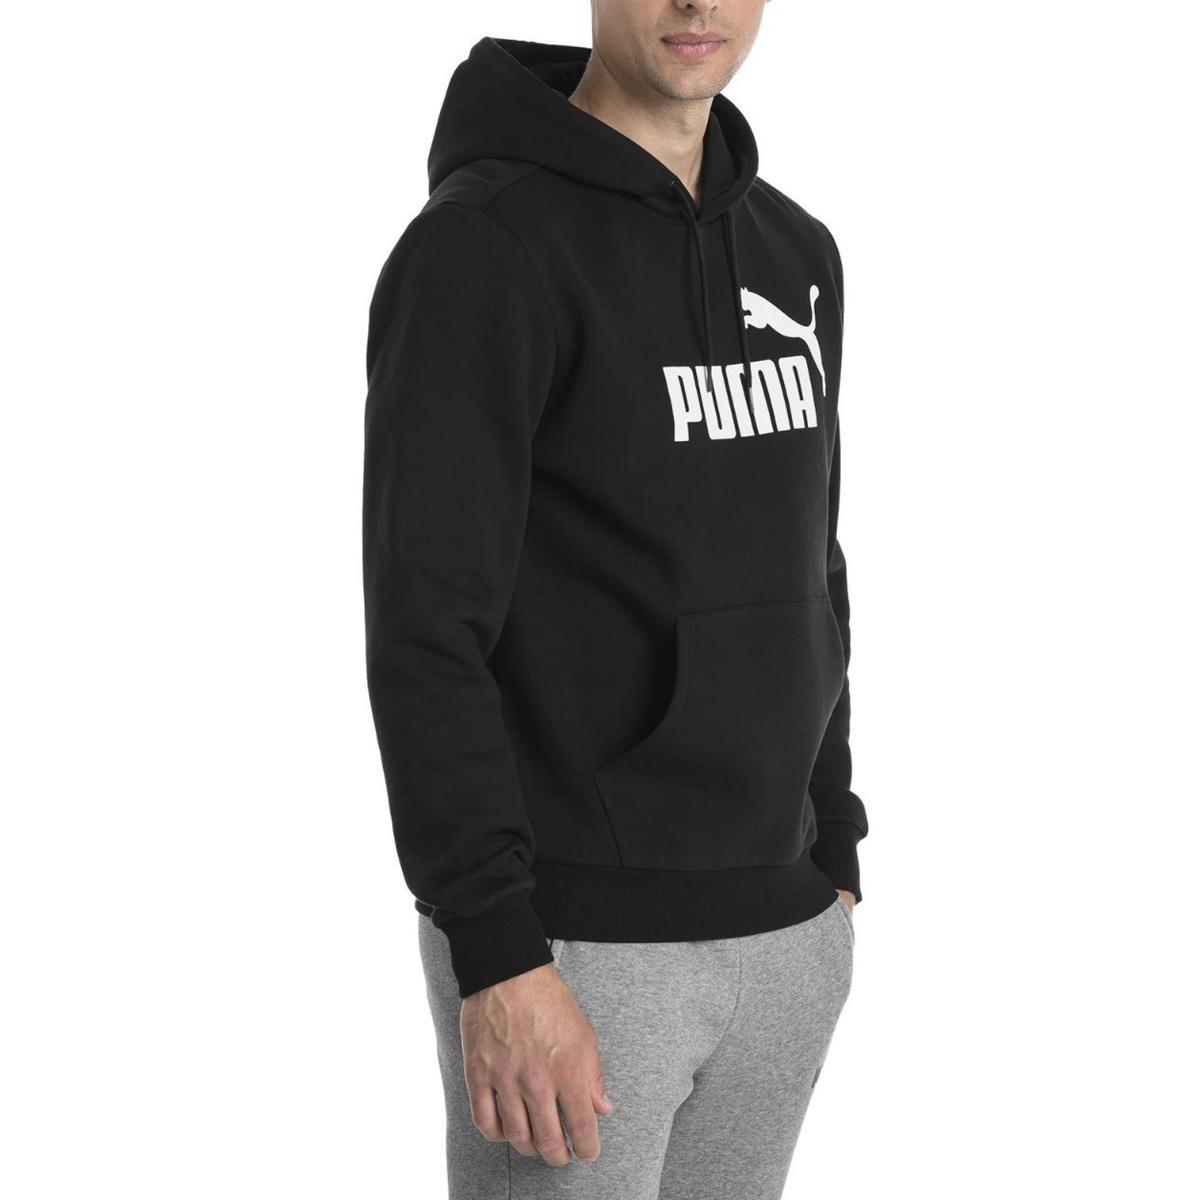 Felpa Puma Essentials con cappuccio con stampa sul petto da uomo rif. 851743